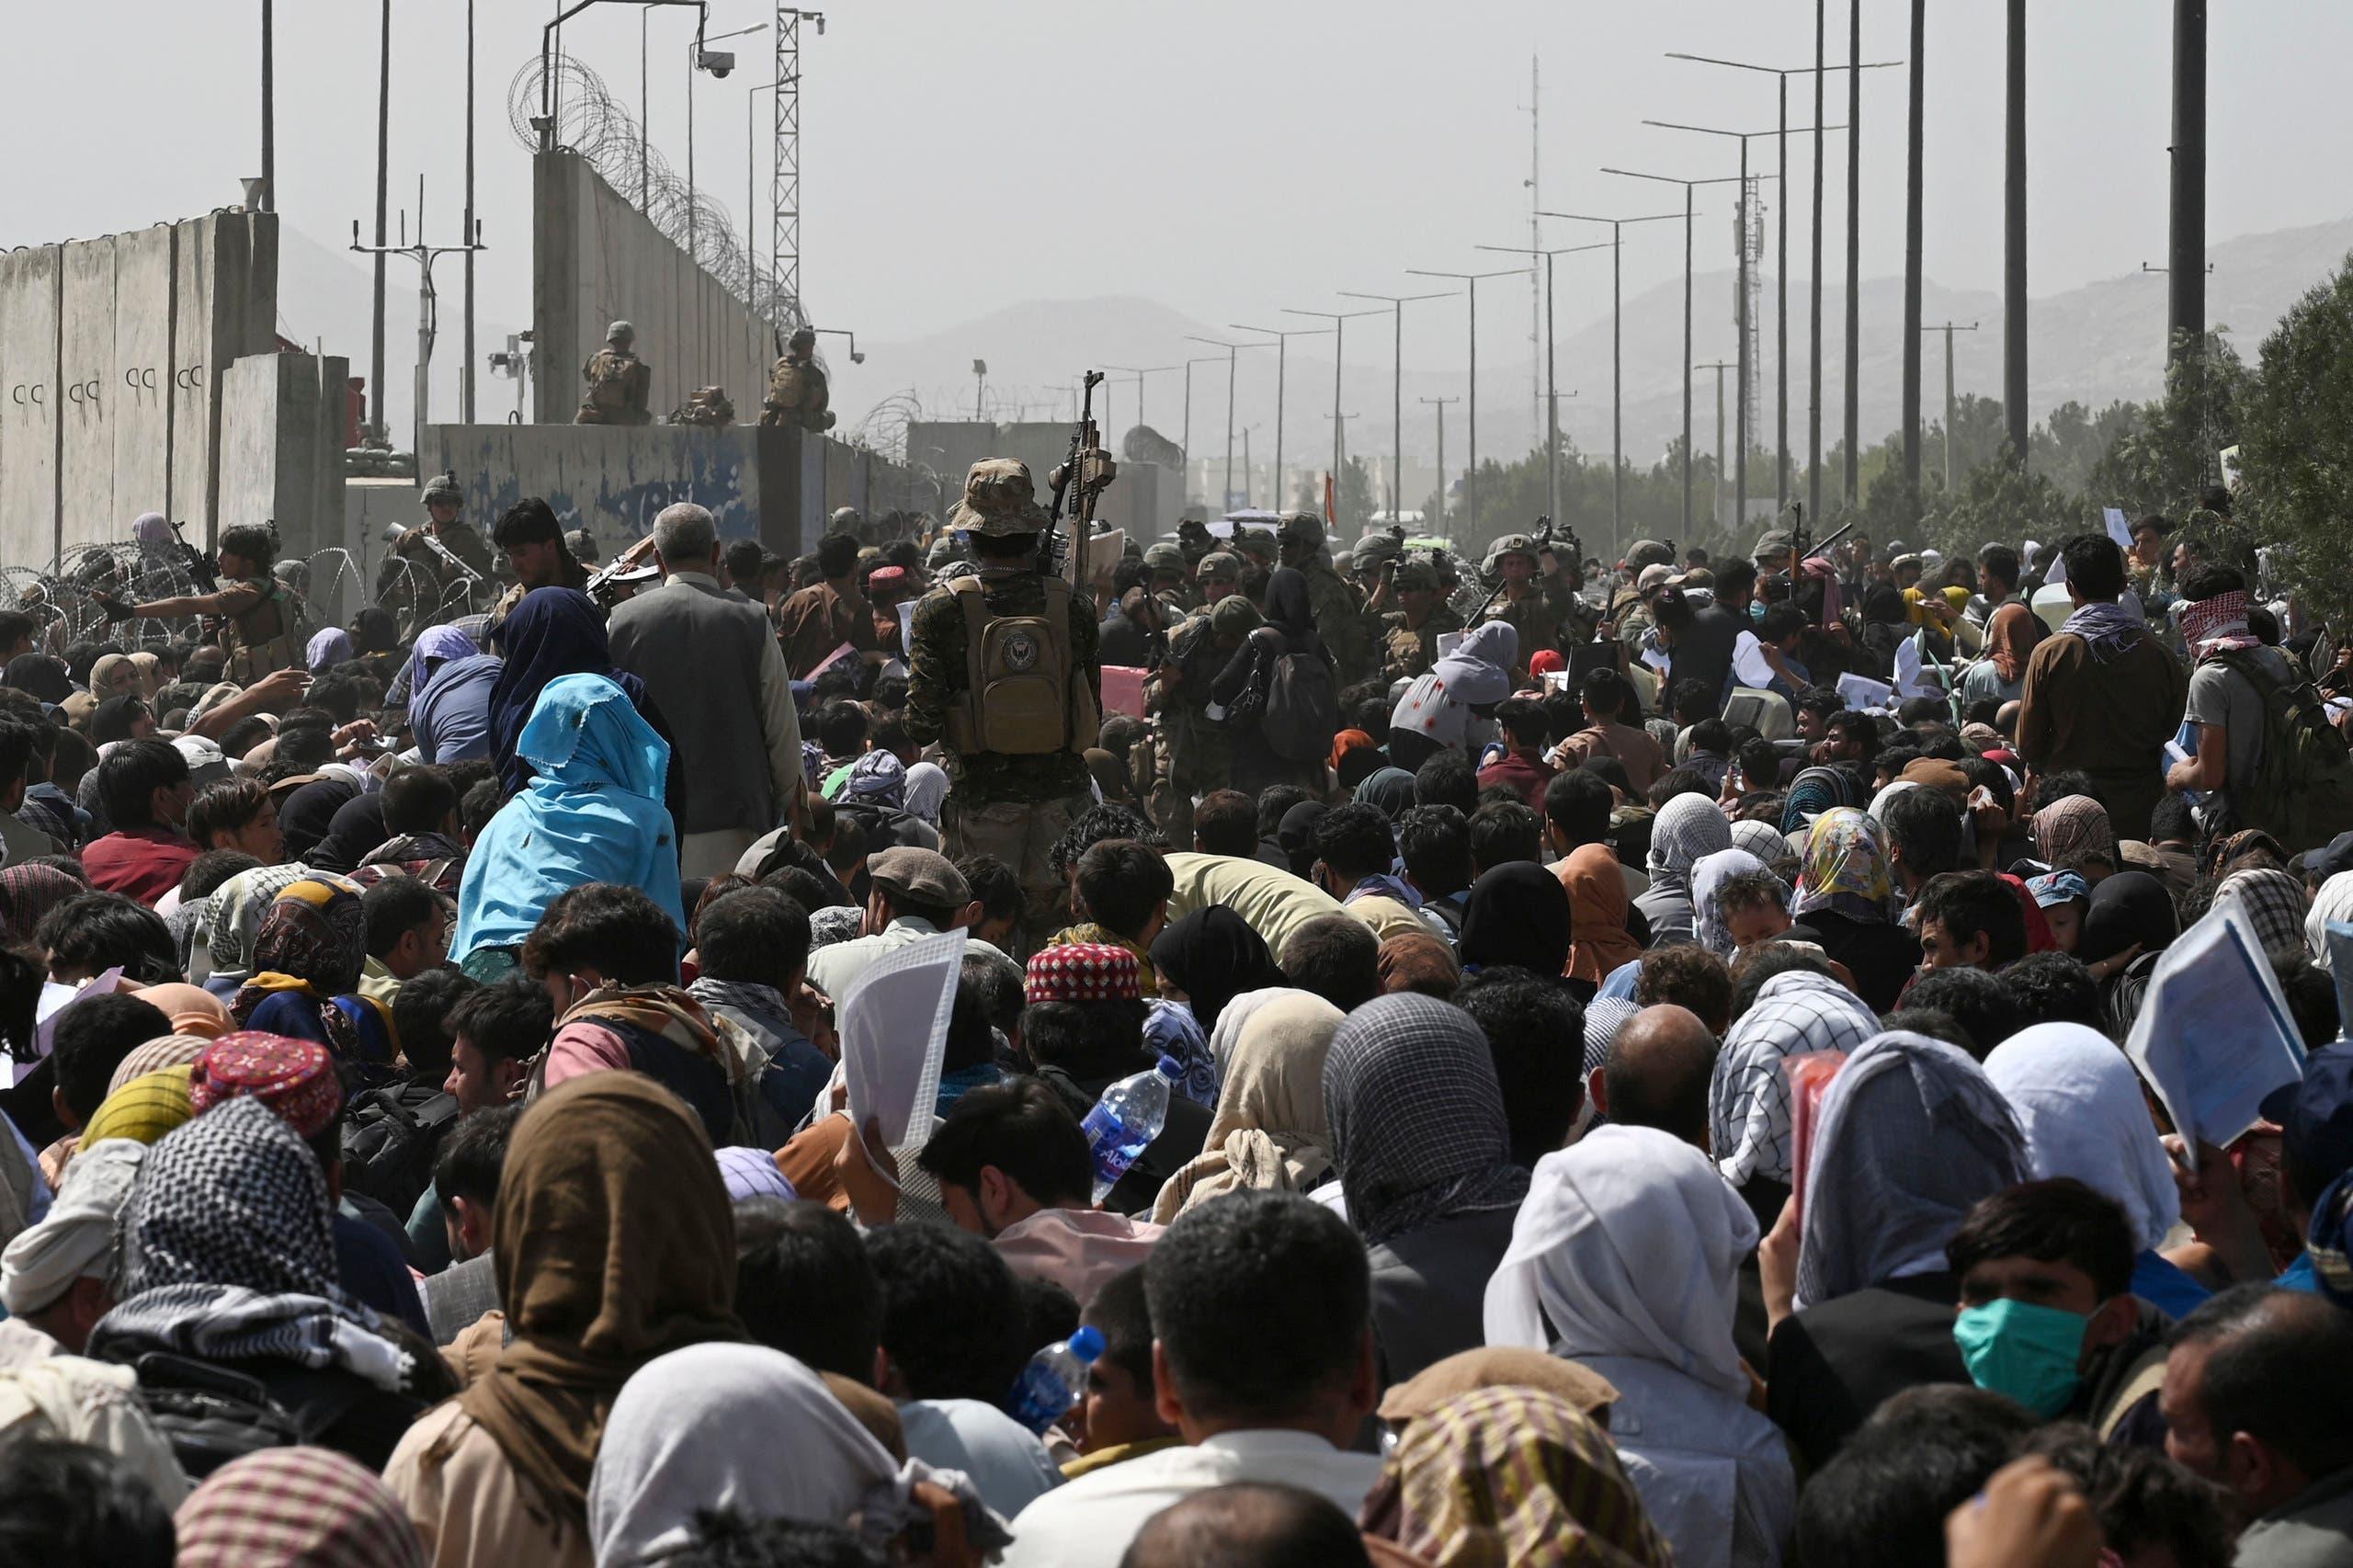 أفغان ينتظرون قرب الجزء العسكري من مطار كابل على أمل إجلائهم